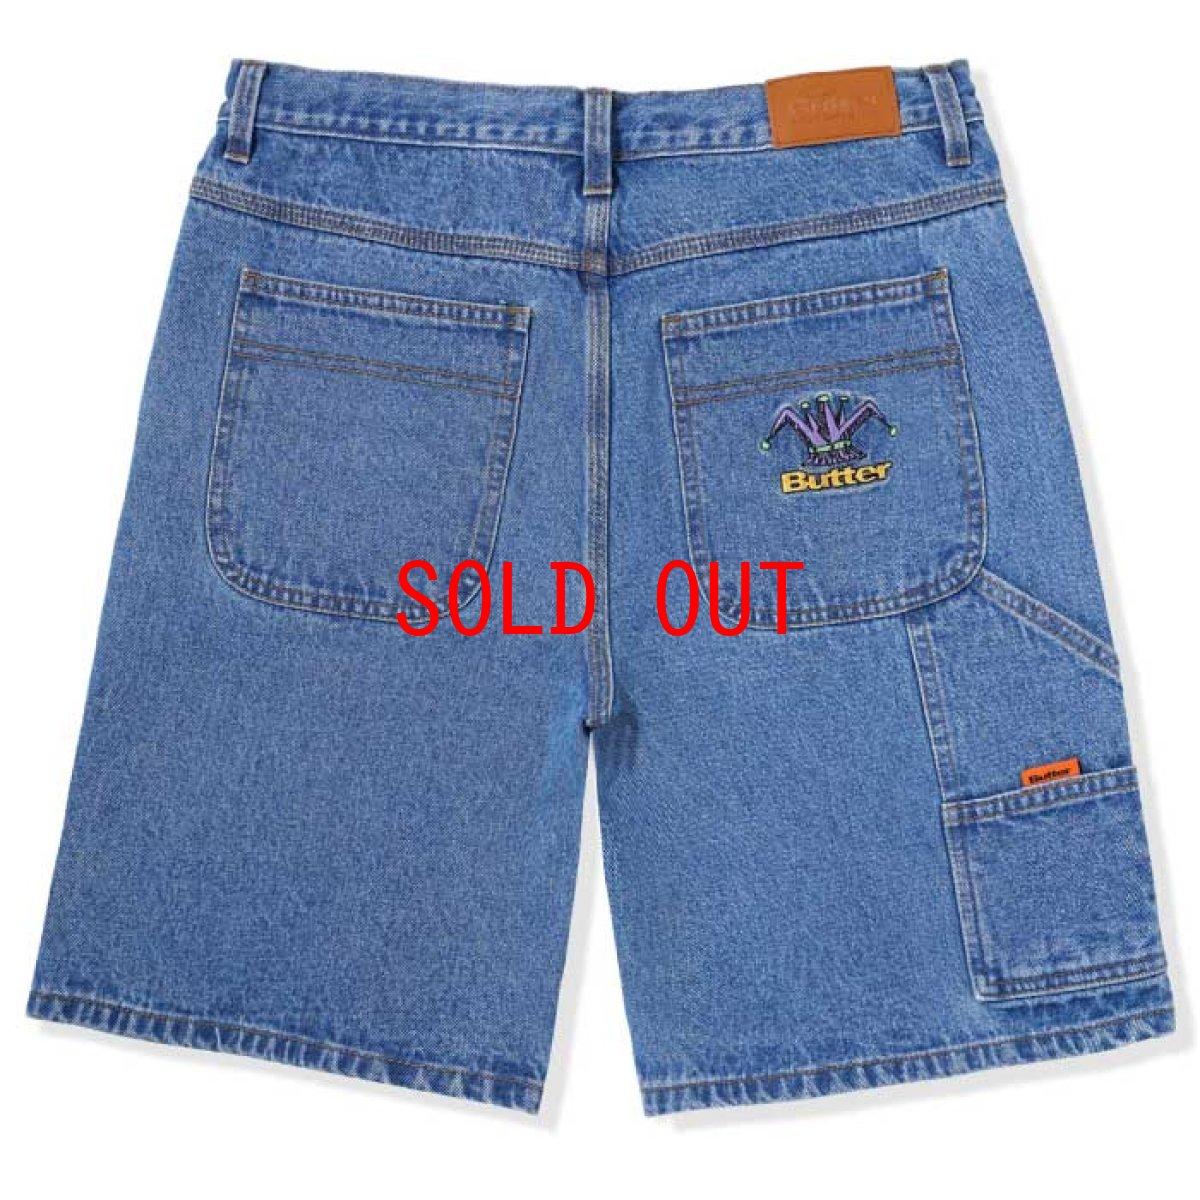 画像1: Royal Denim Shorts Loose Fit Black デニム ショーツ ルーズフィット  (1)